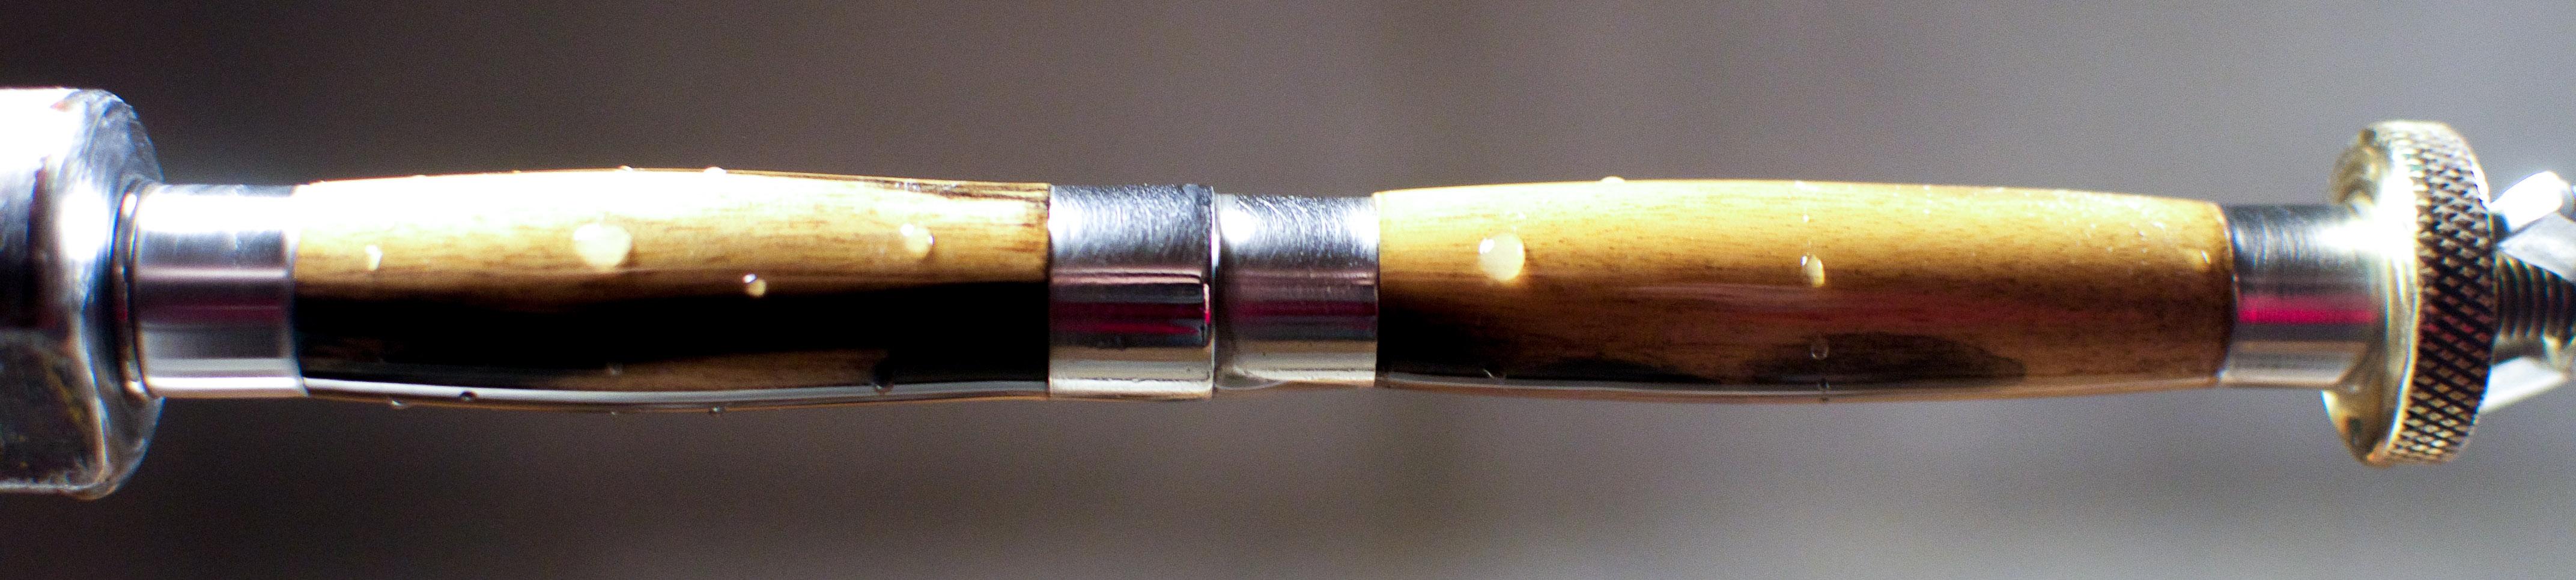 Pen Making-56